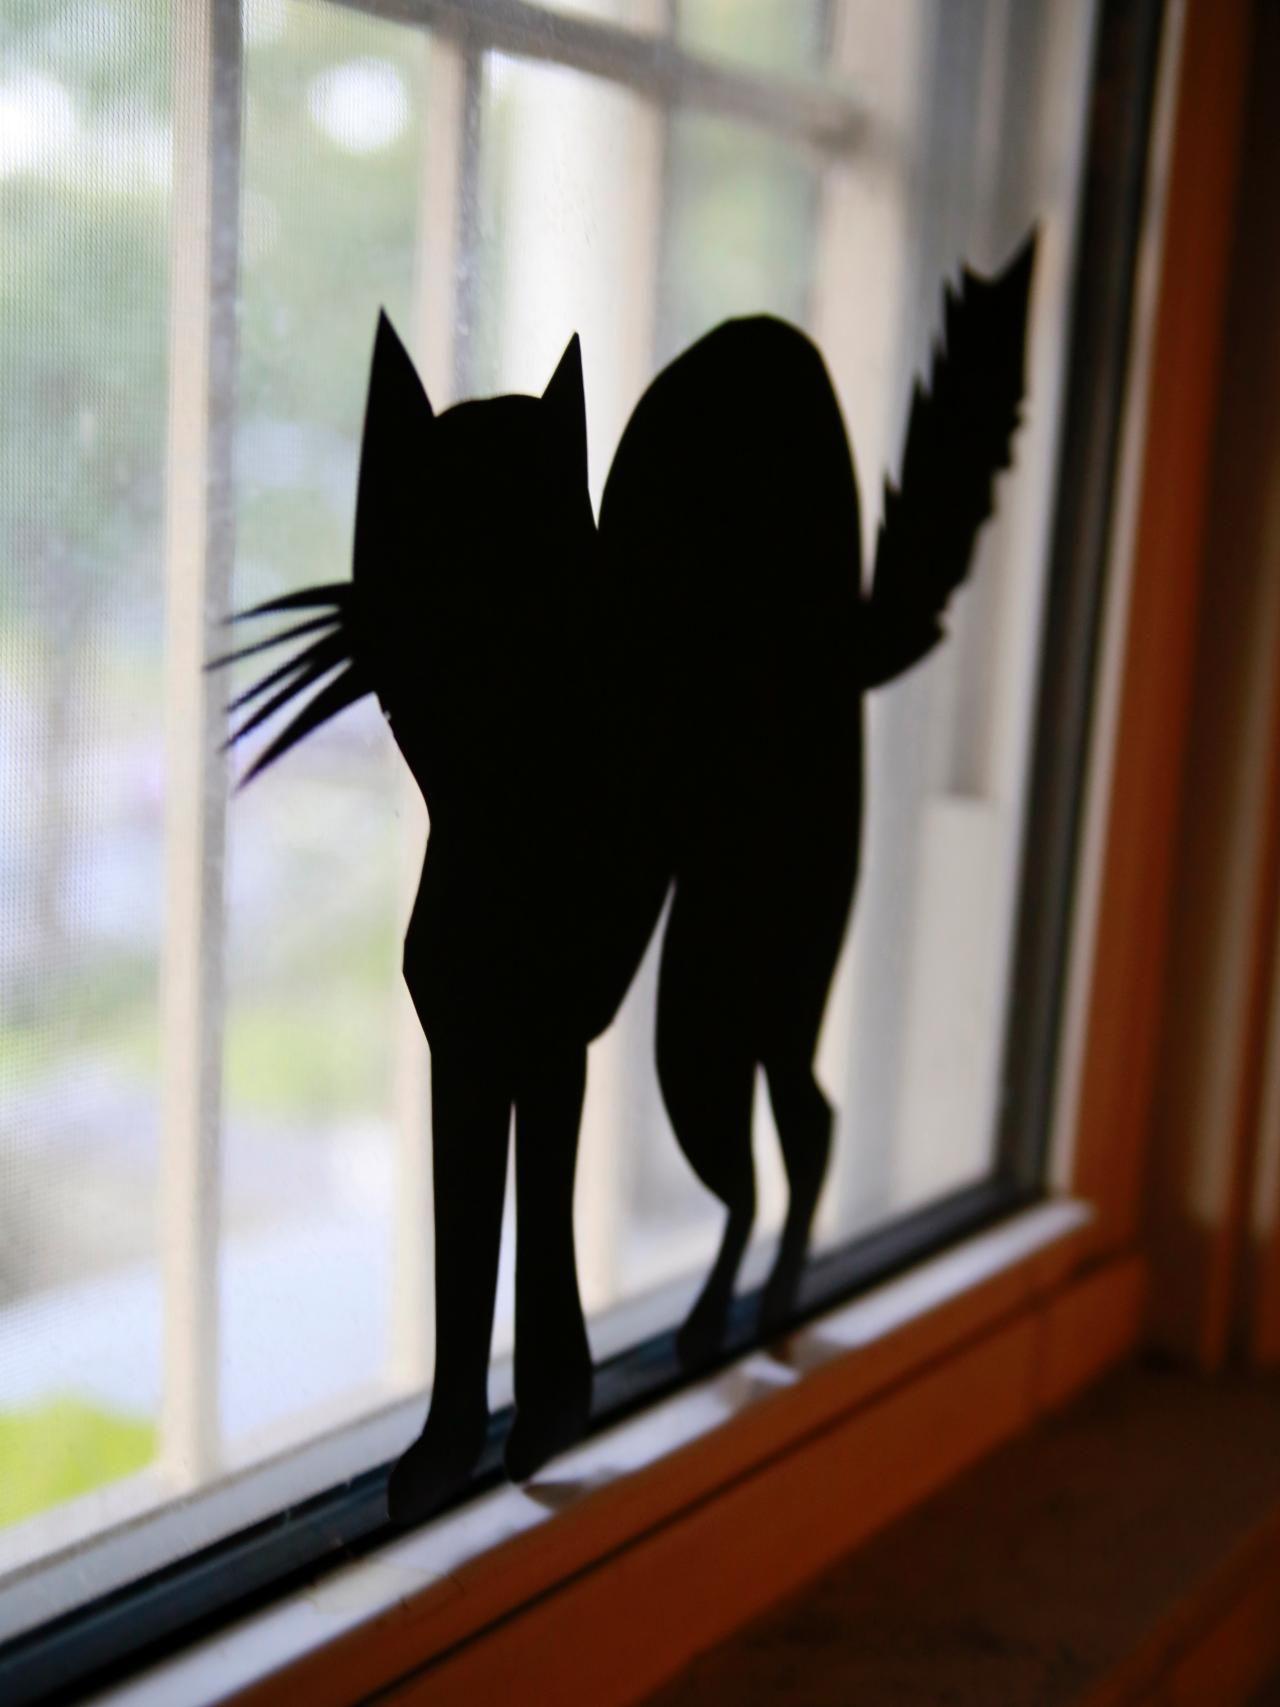 Halloween window decor ideas  halloween decorations  outdoor halloween decorations outdoor